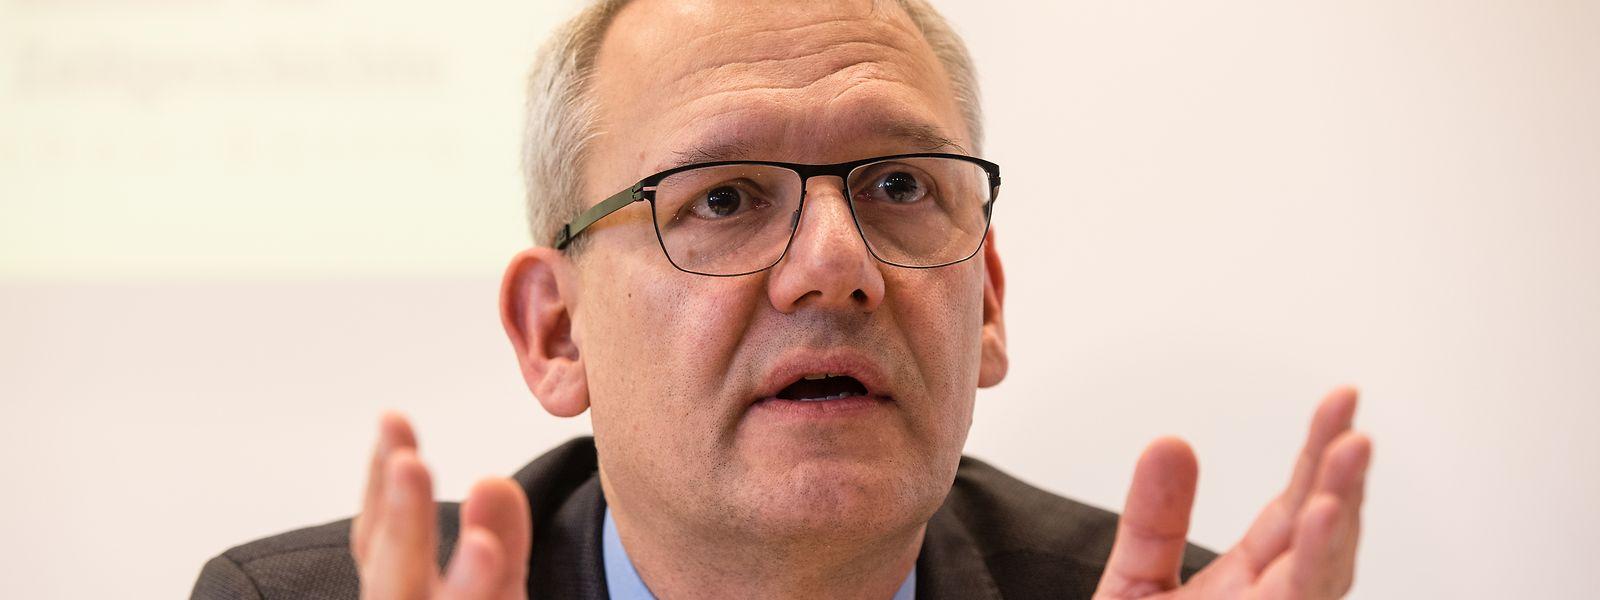 Andreas Wirsching, Leiter des Instituts für Zeitgeschichte, spricht während einer Pressekonferenz.